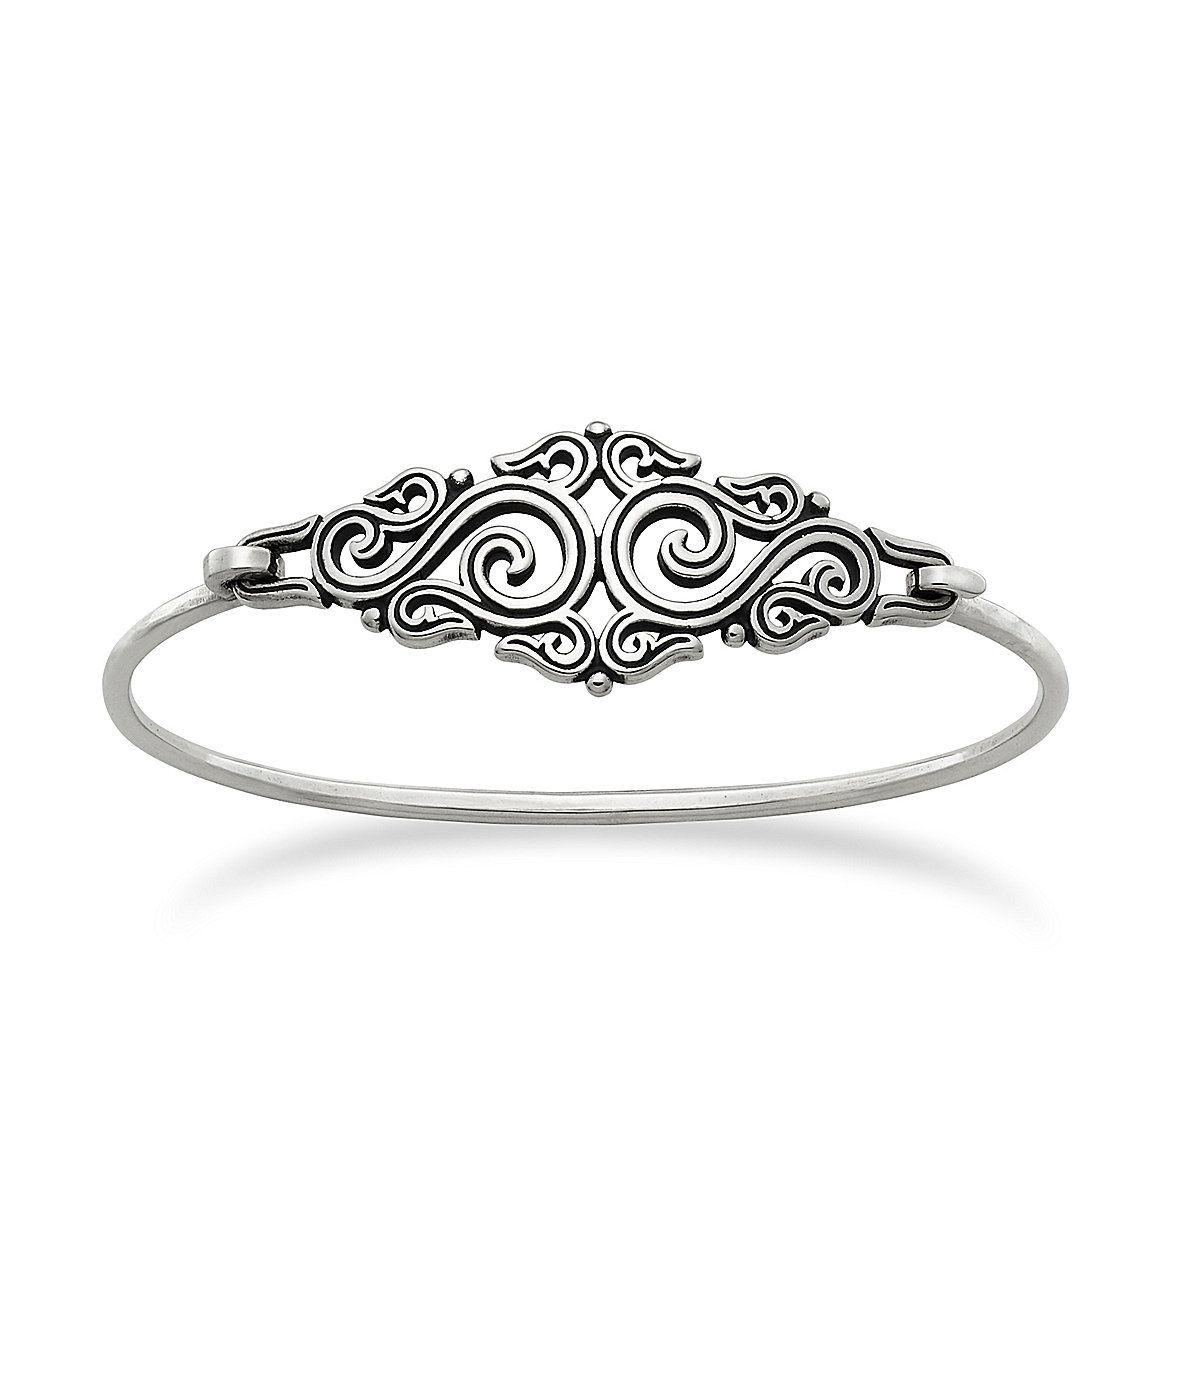 Pandora bracelet dillards - James Avery Sorrento Hook On Bracelet Dillards Com